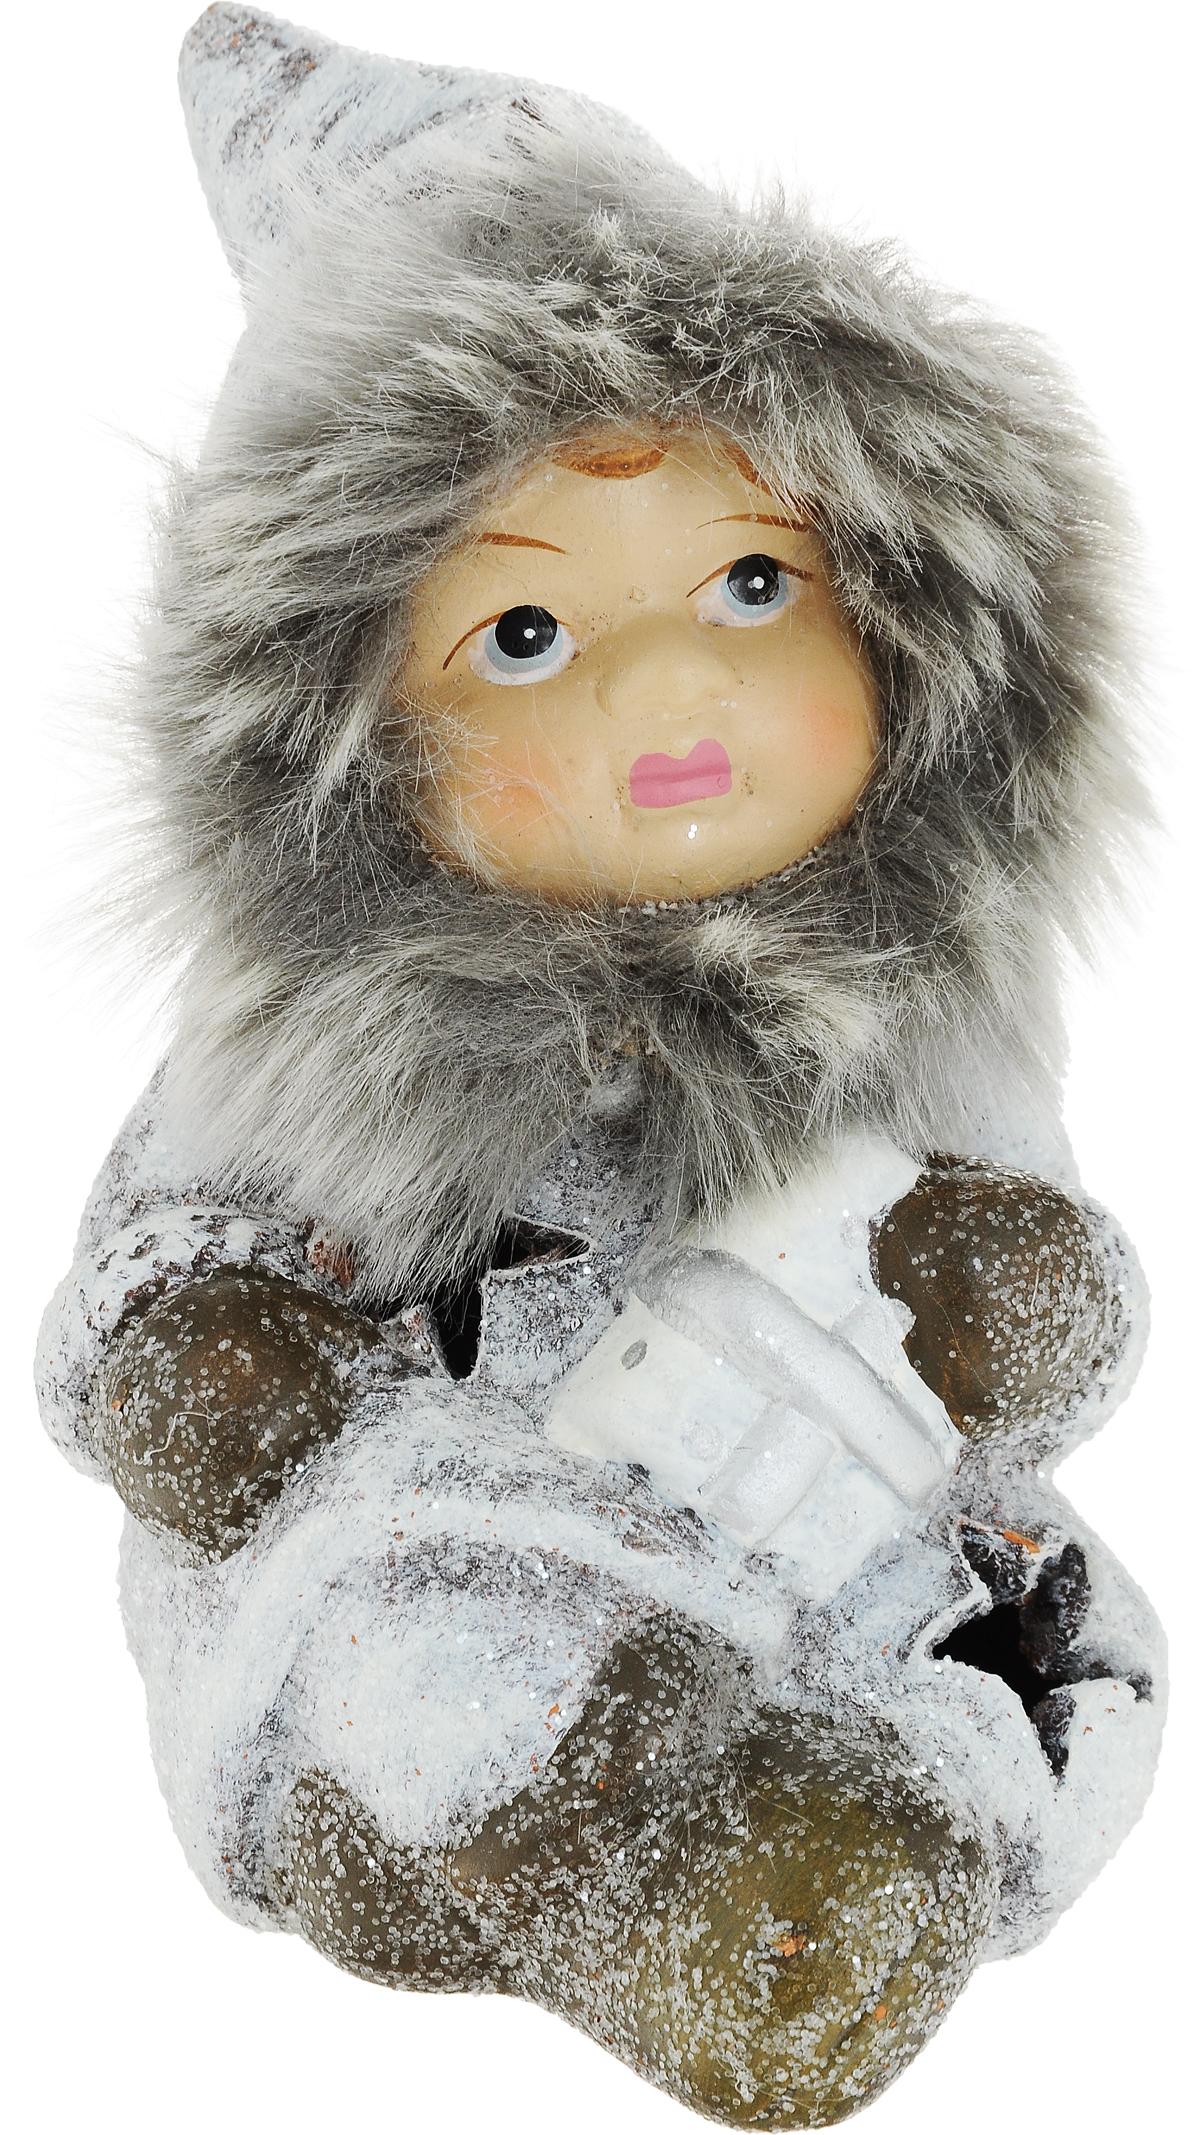 Фигурка новогодняя Эскимосик, с подсветкой, 8 х 7 х 12 см72701